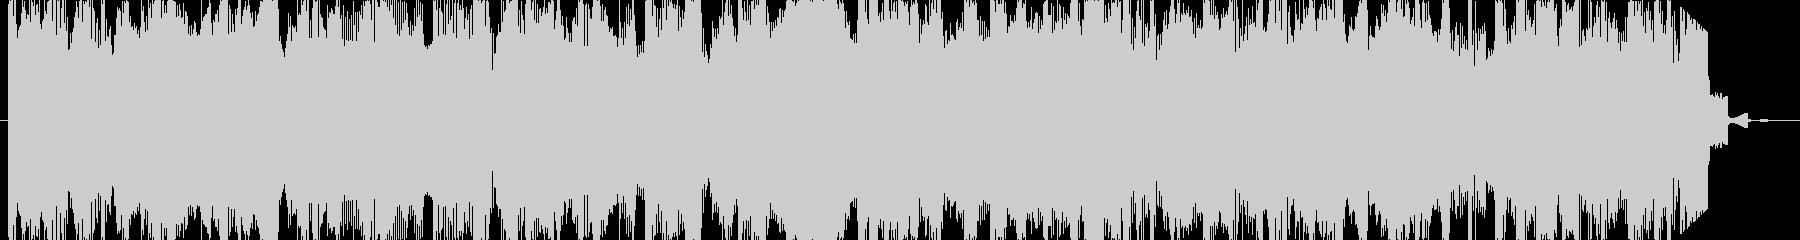 ジングル - エレクトロニカの未再生の波形